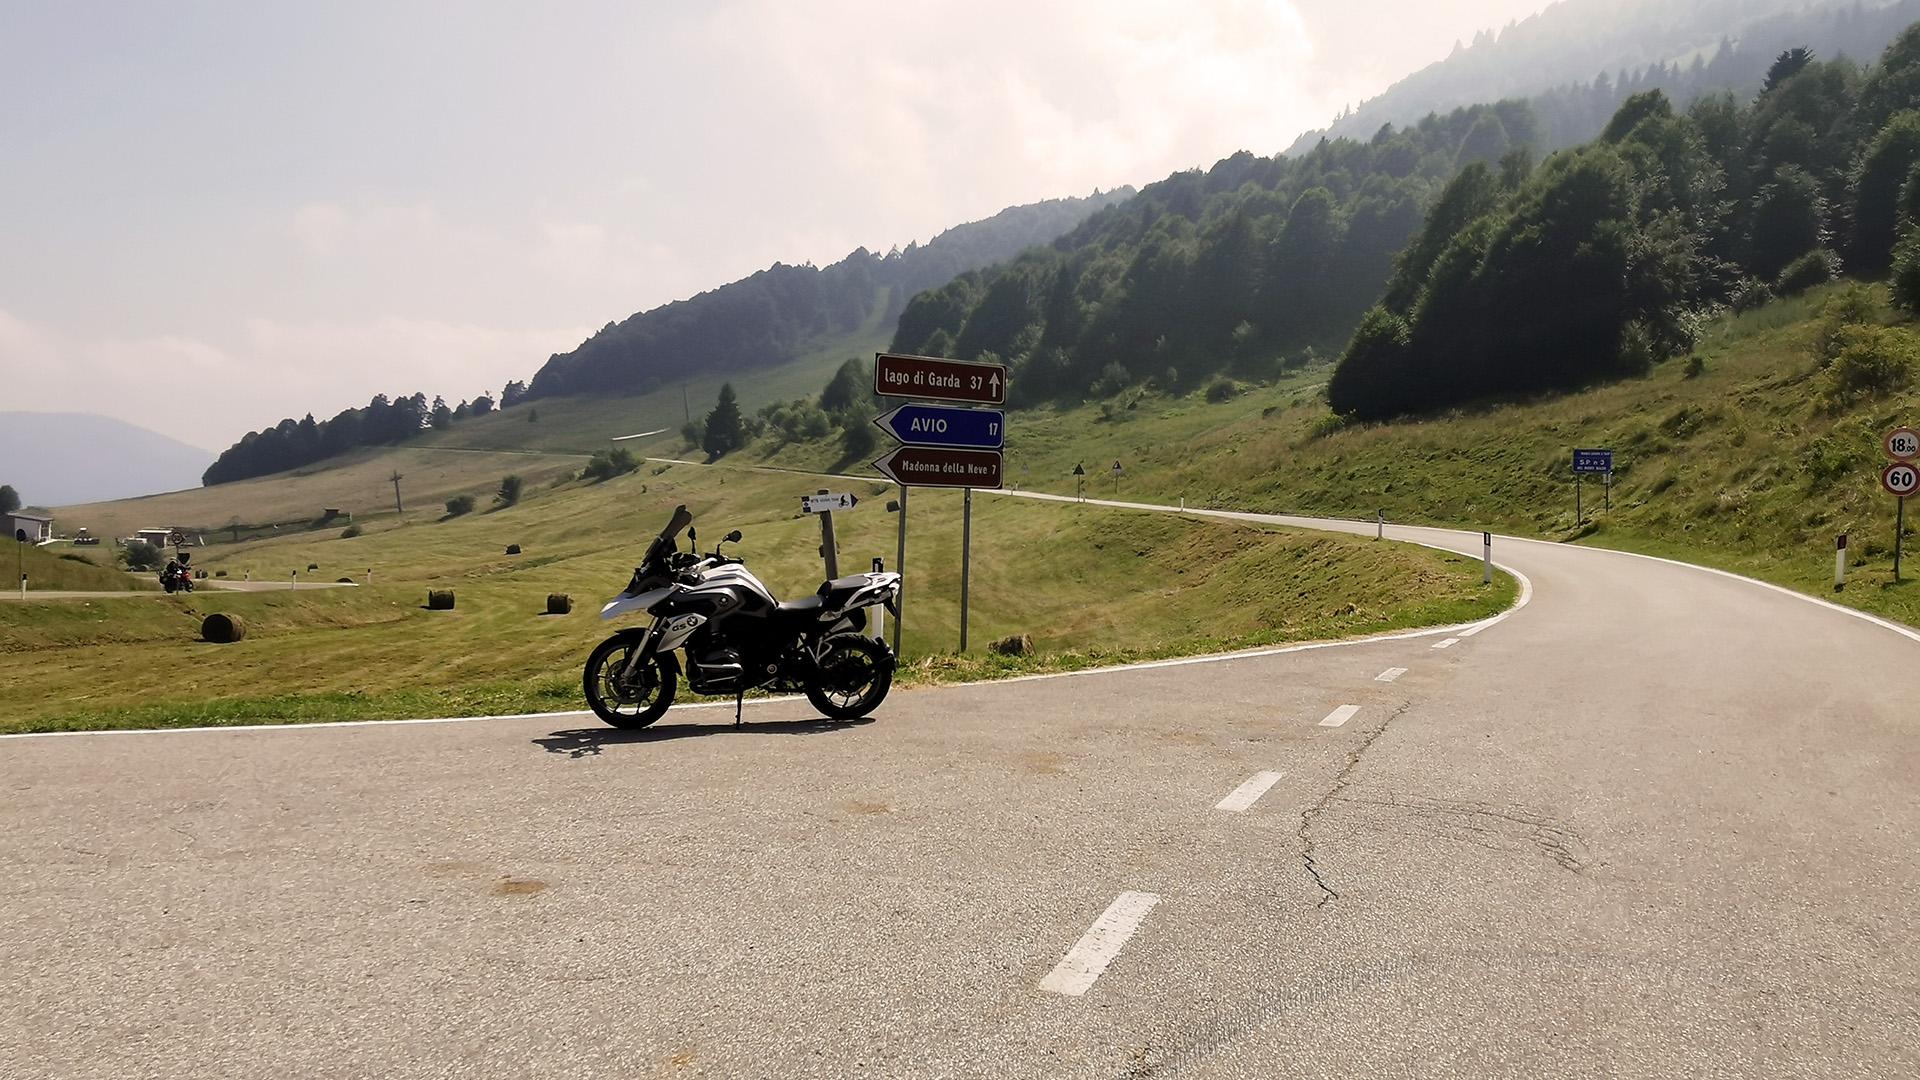 1469 - I - Sella della Malga Prà Alpesina